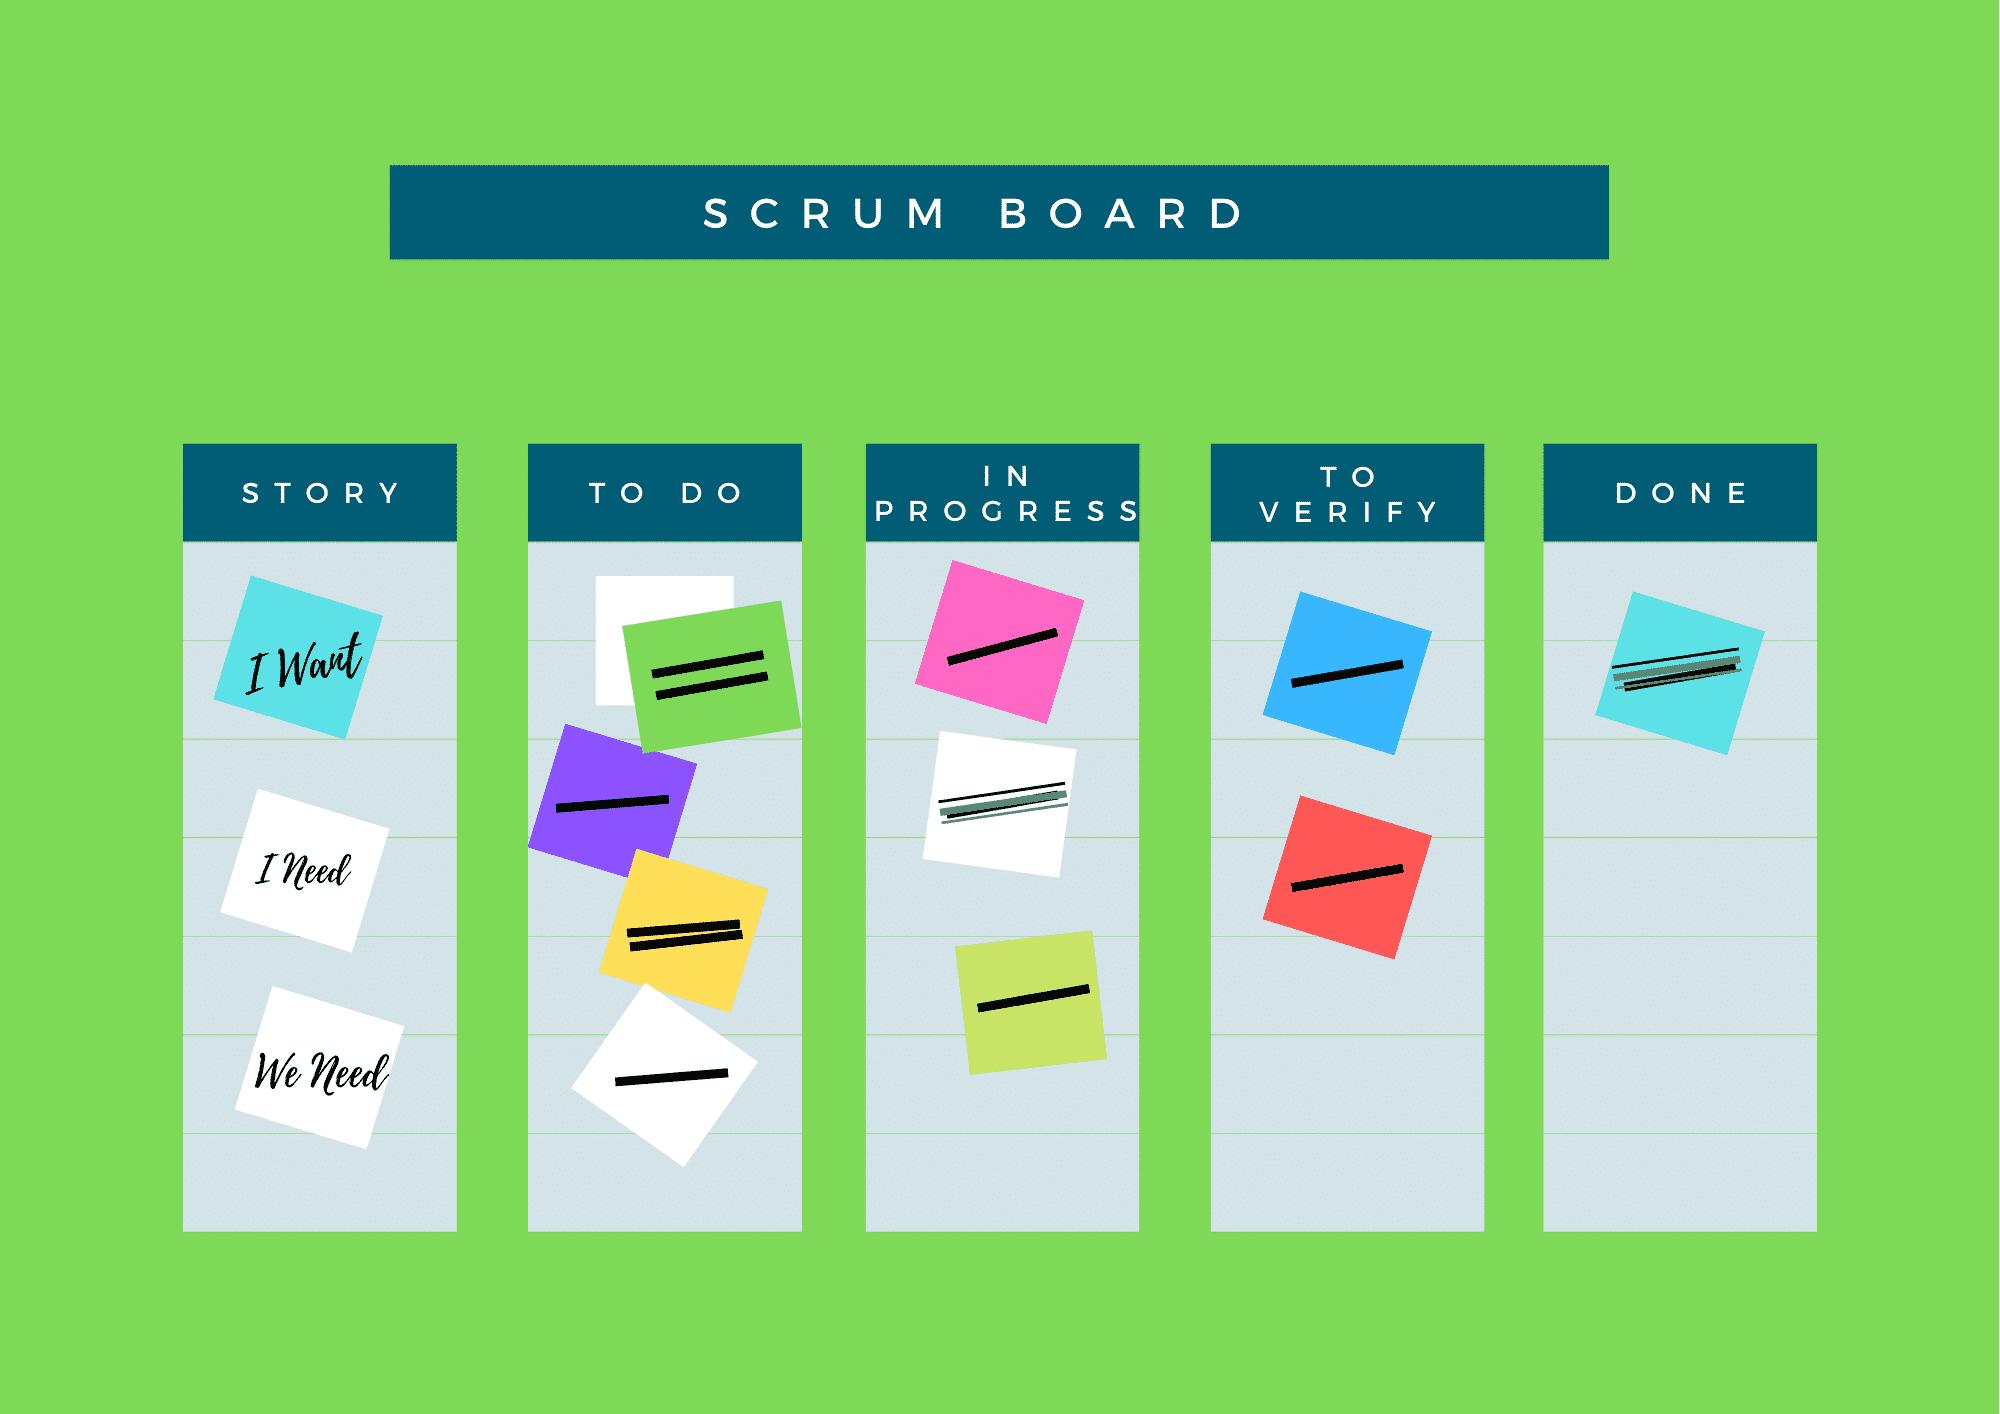 Proper Scrum Board